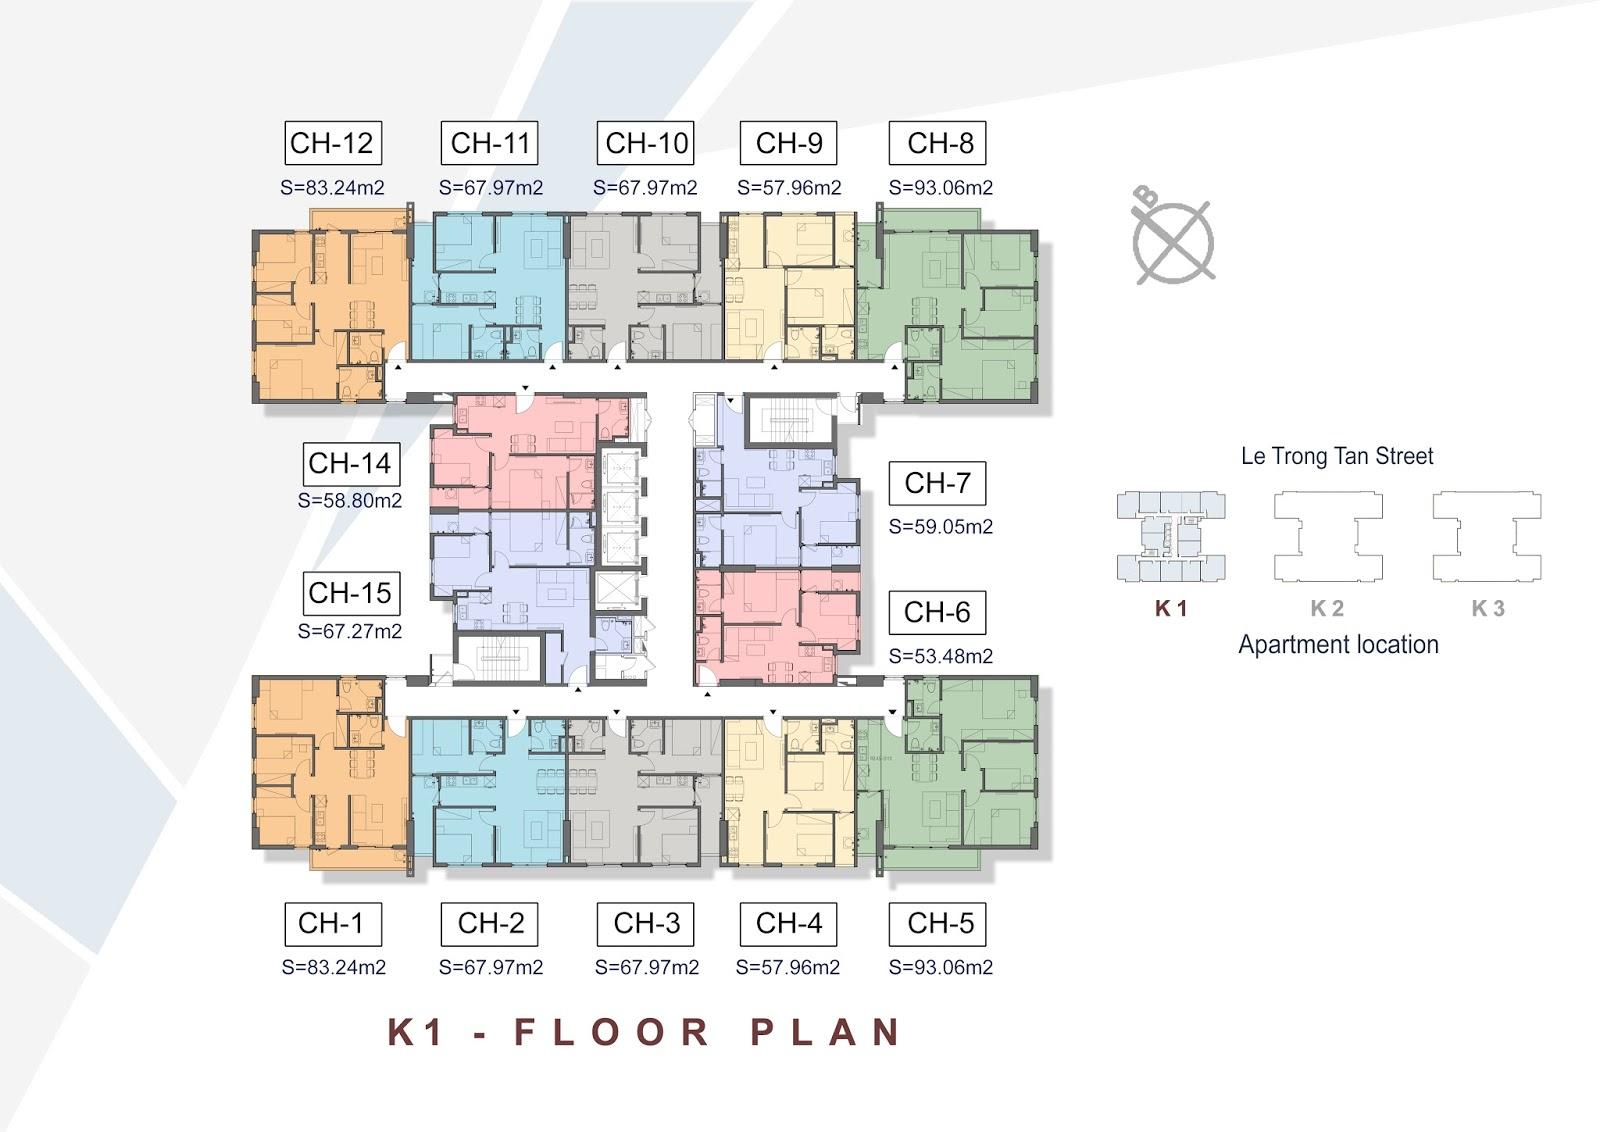 Thiết kế mặt bằng tổng thể tòa K1 - The K Park